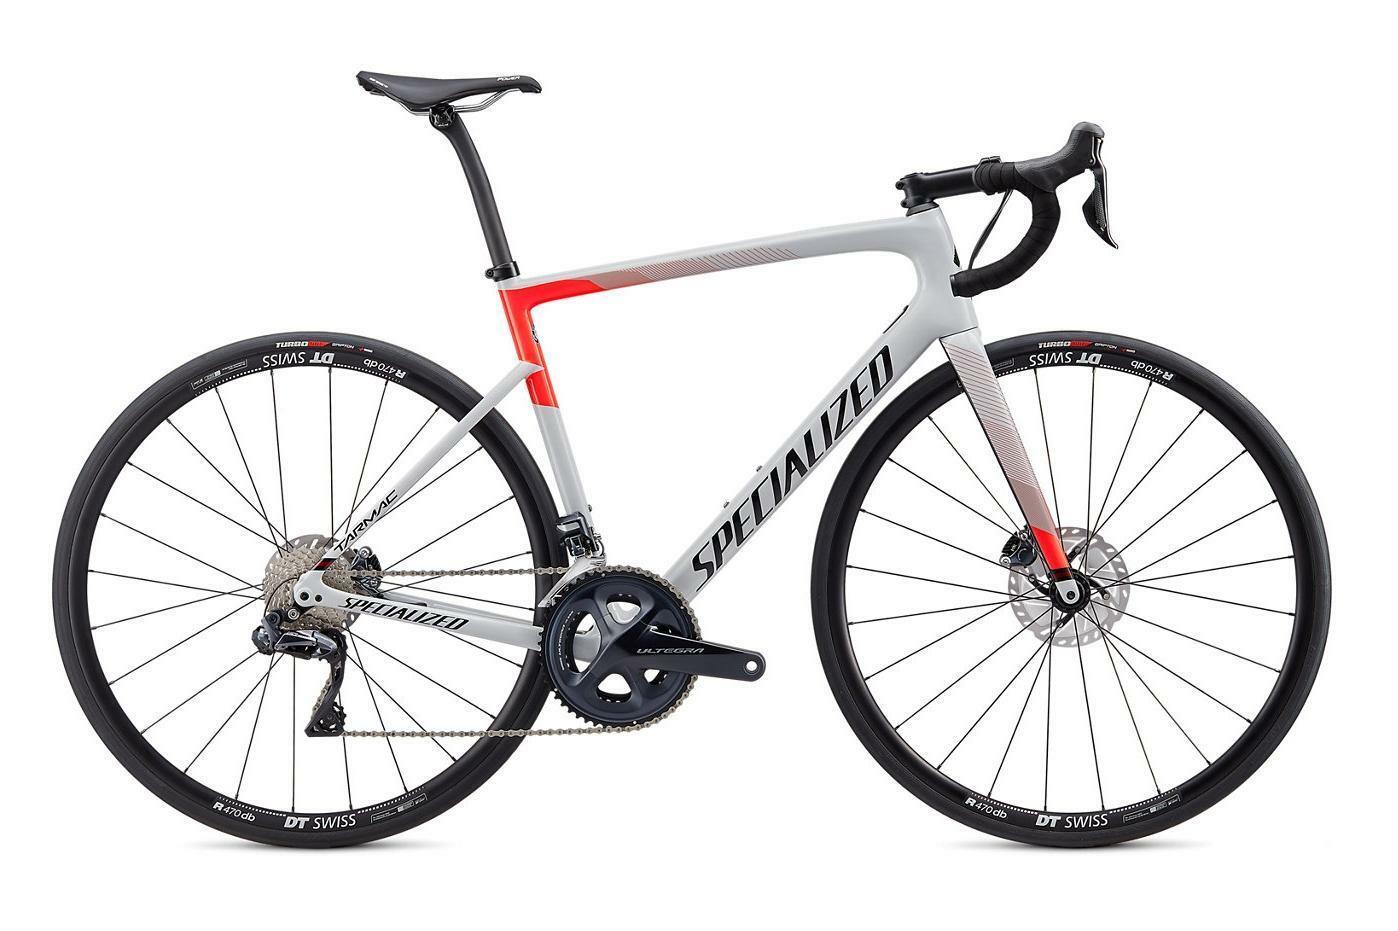 specialized specialized bici strada tarmac sl6 comp disc udi2